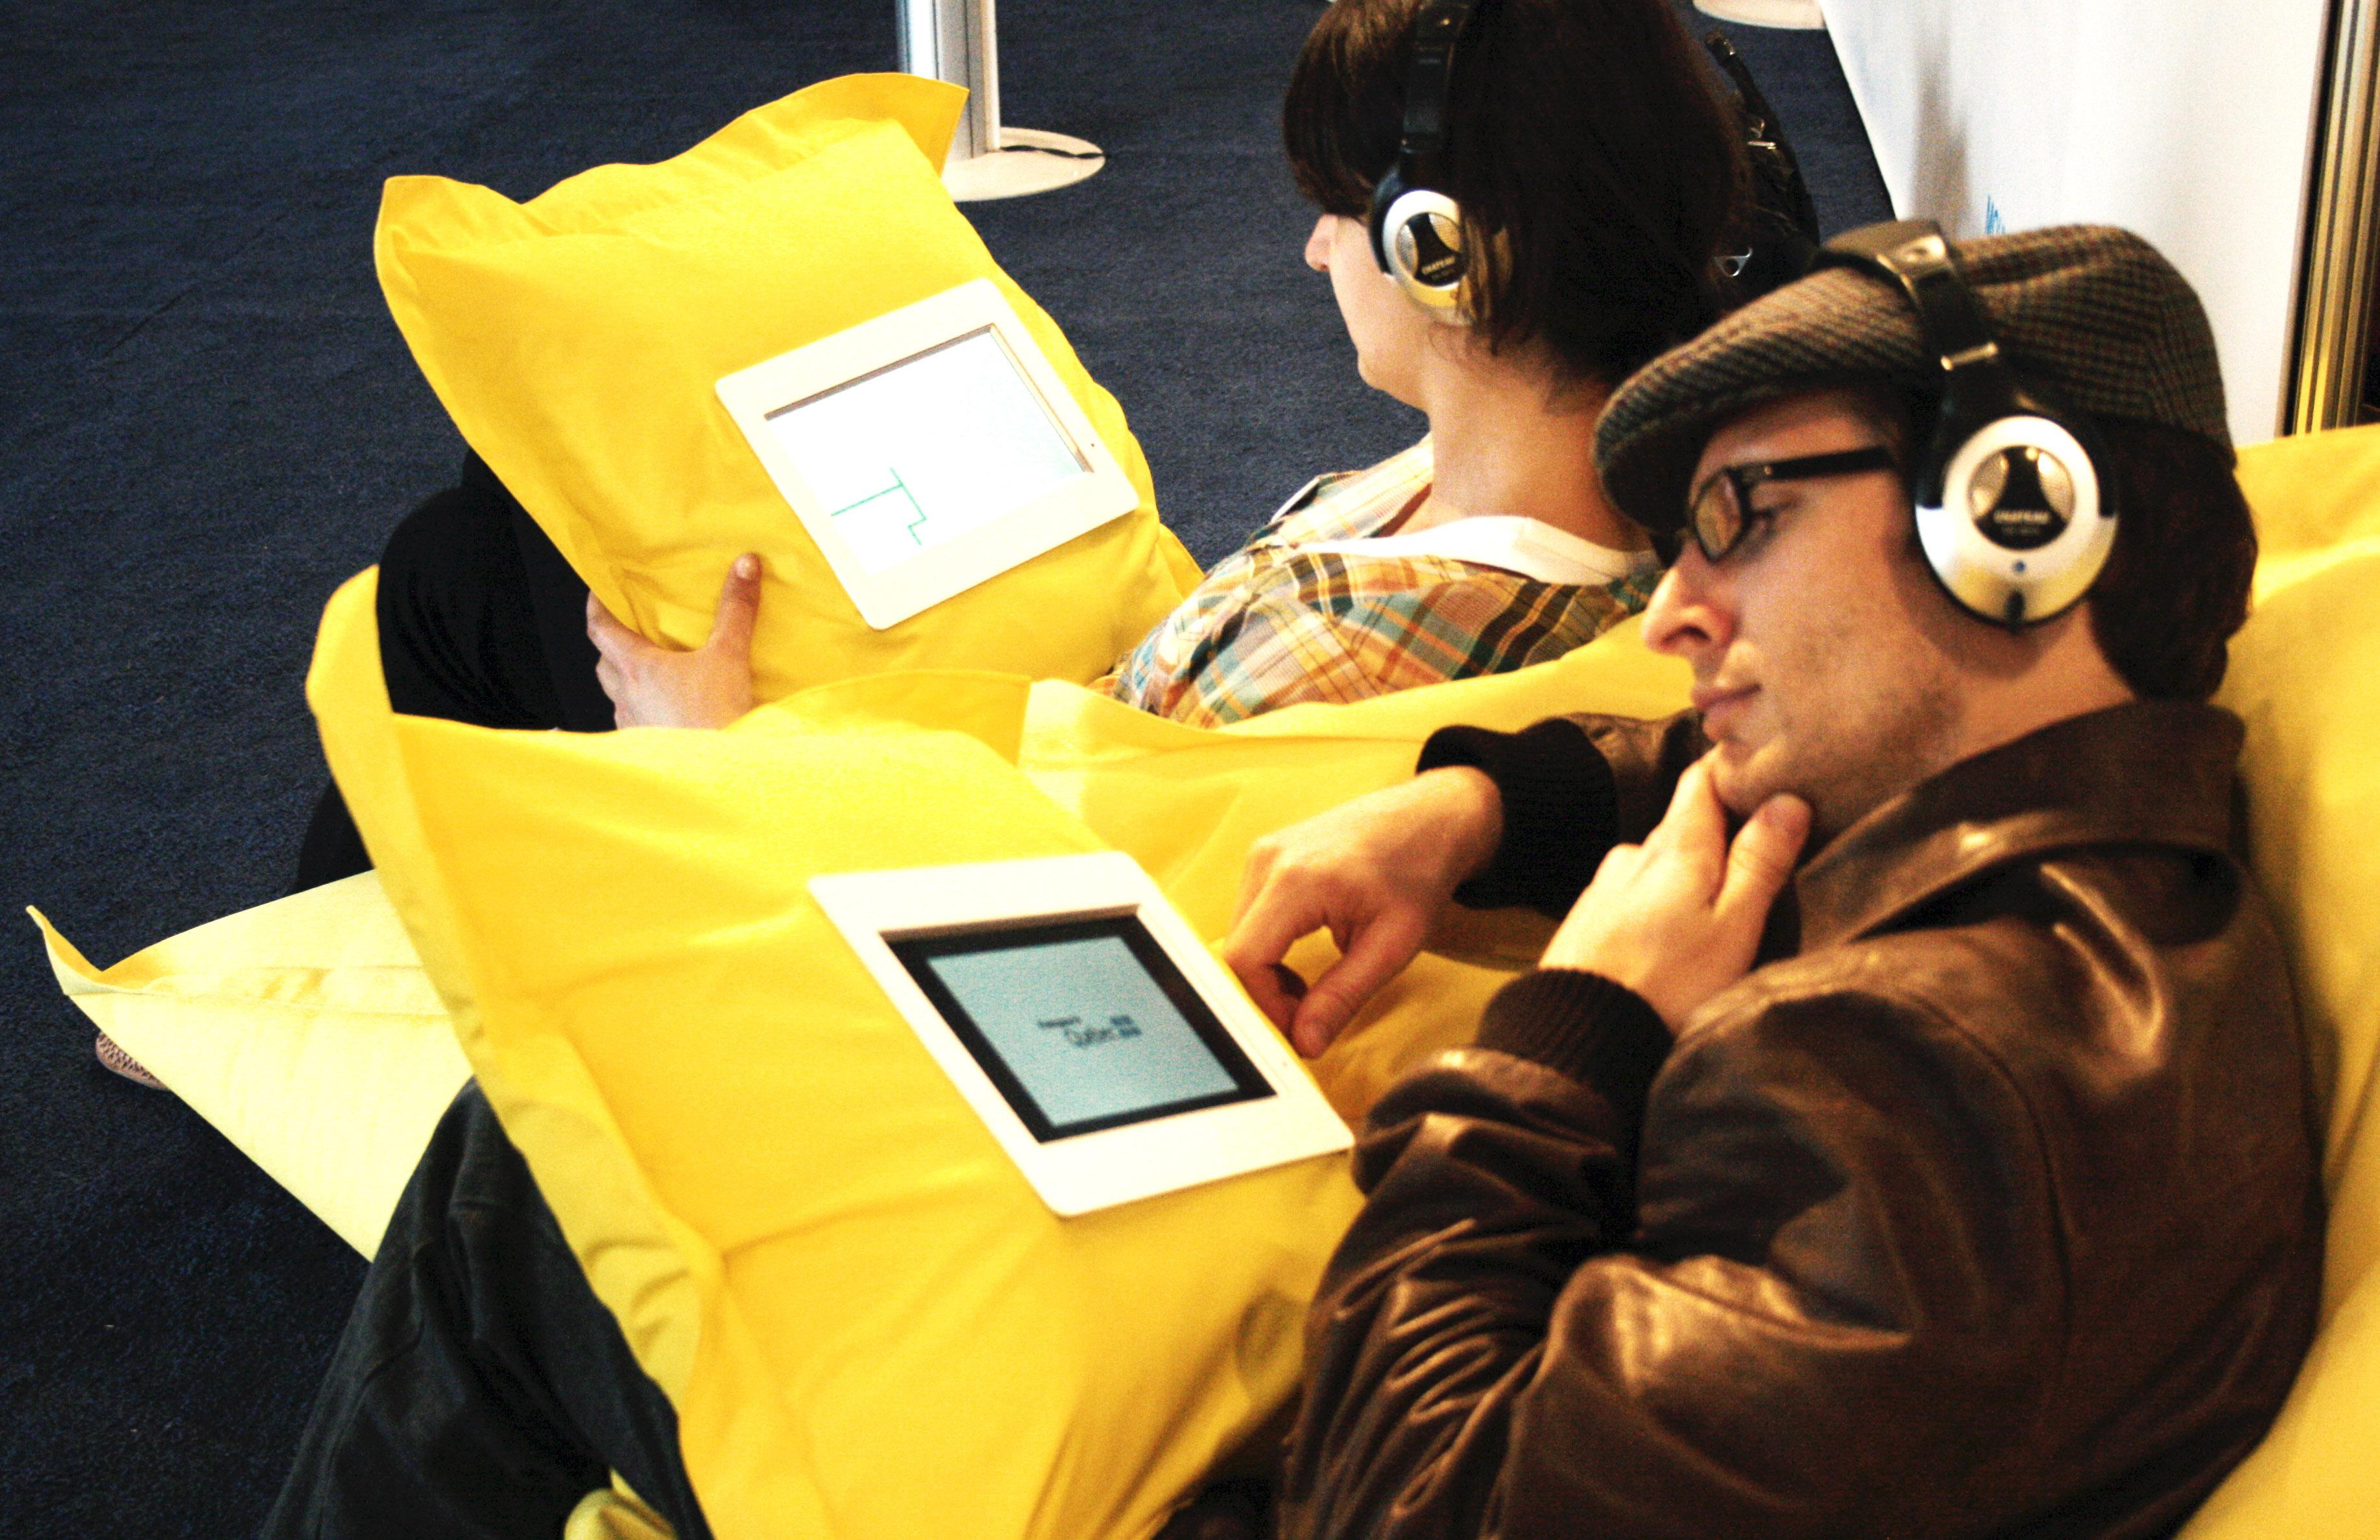 Détail - intégration des tablettes